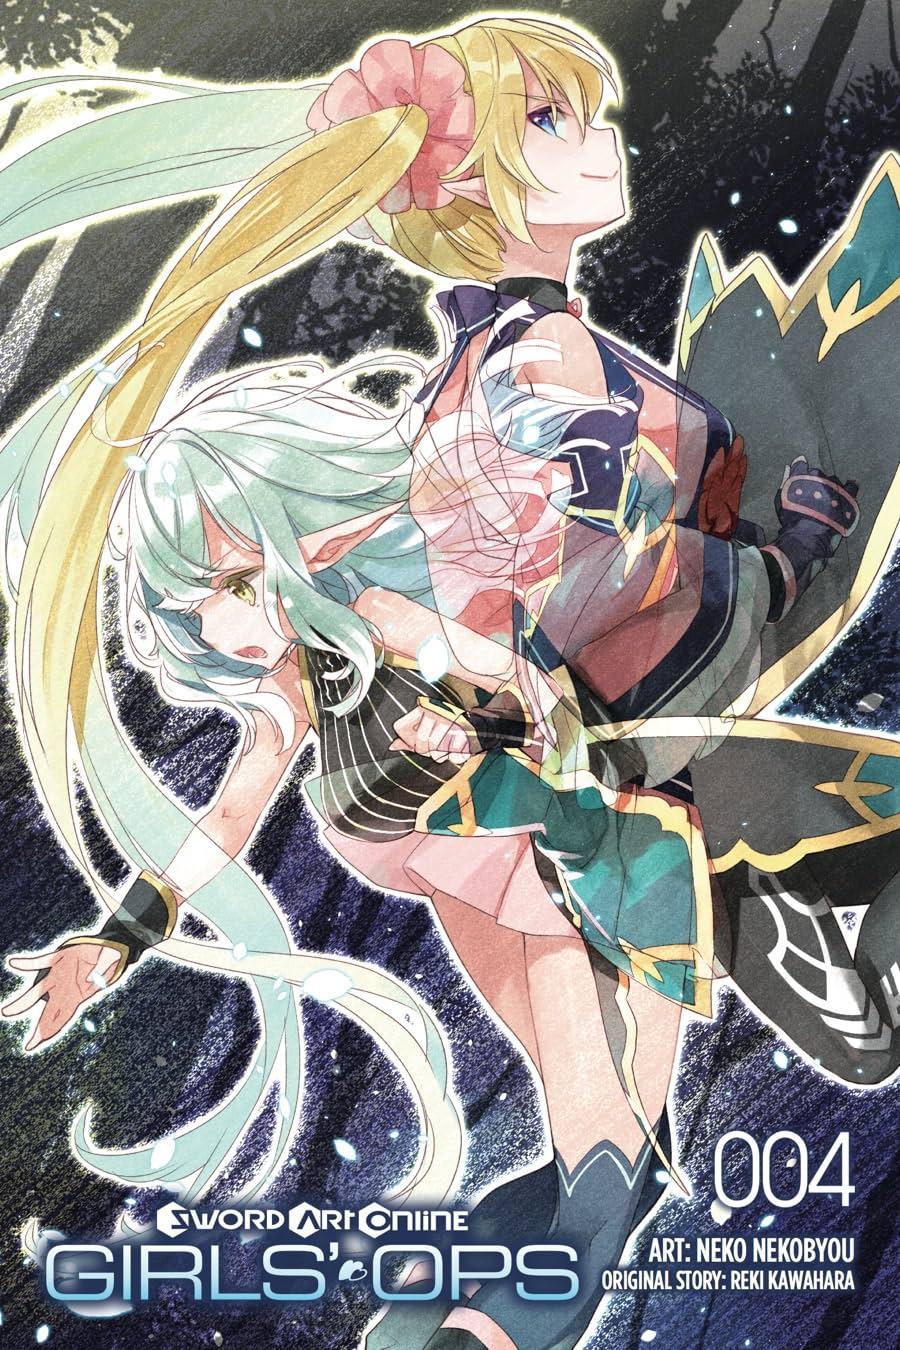 Sword Art Online: Girls' Ops Vol. 4